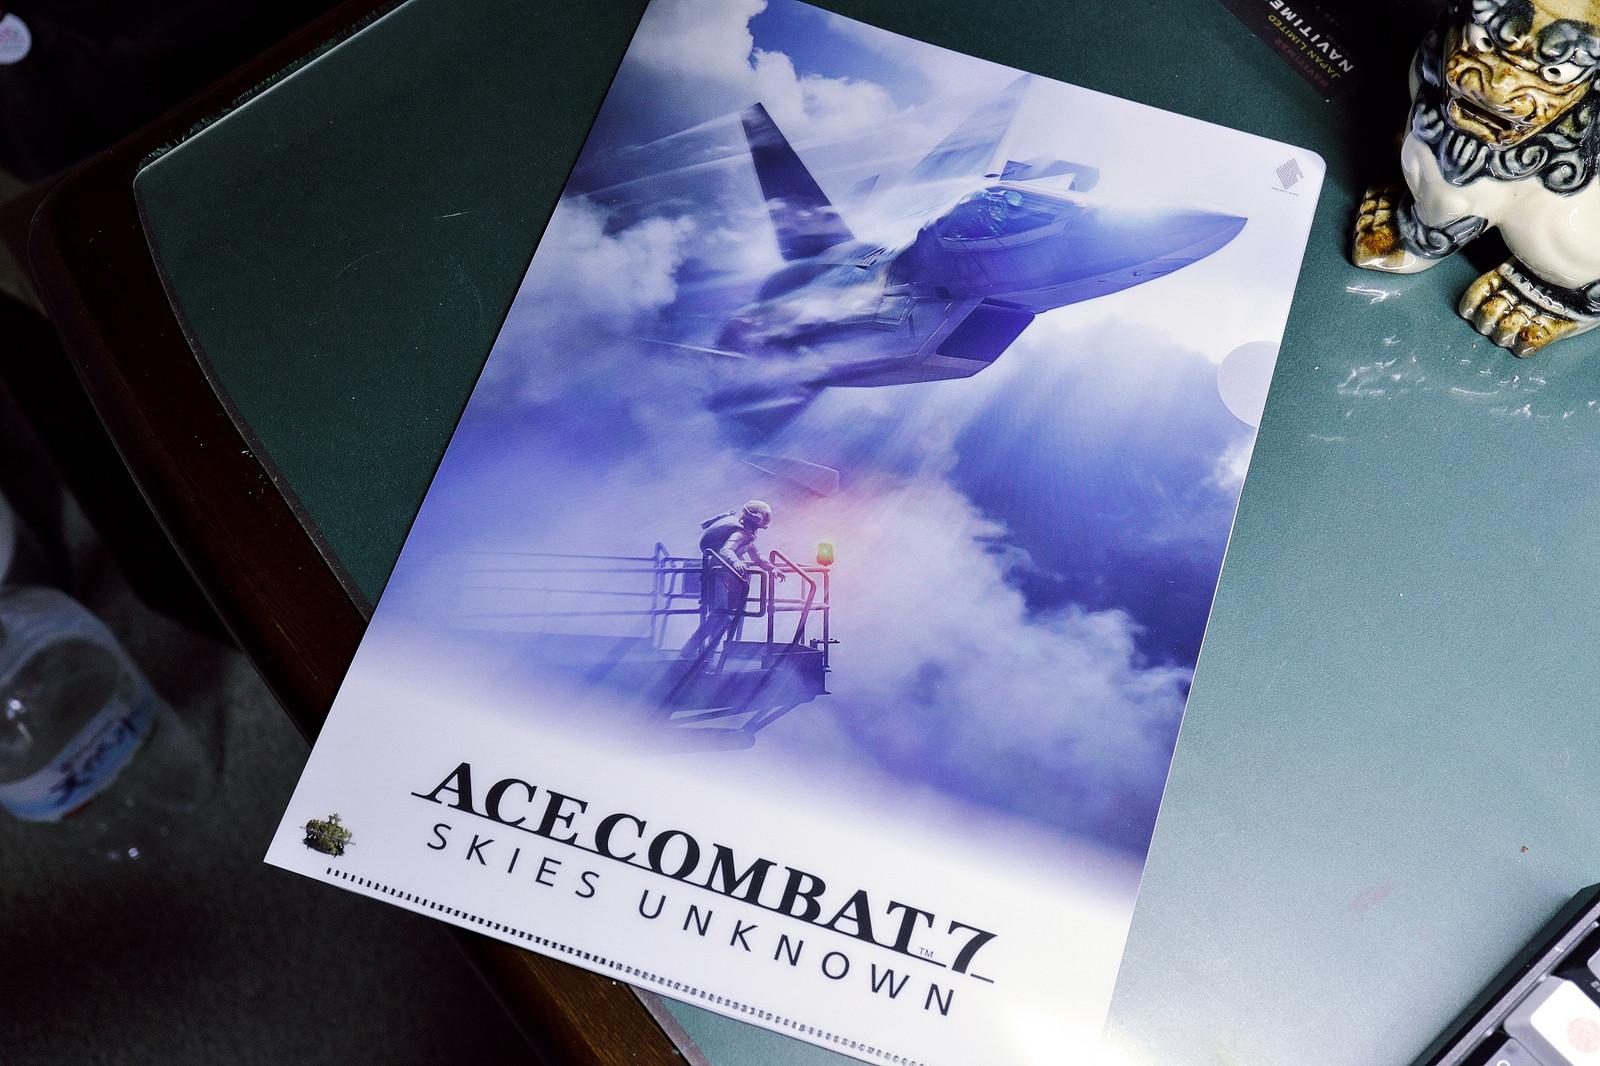 Ace_2